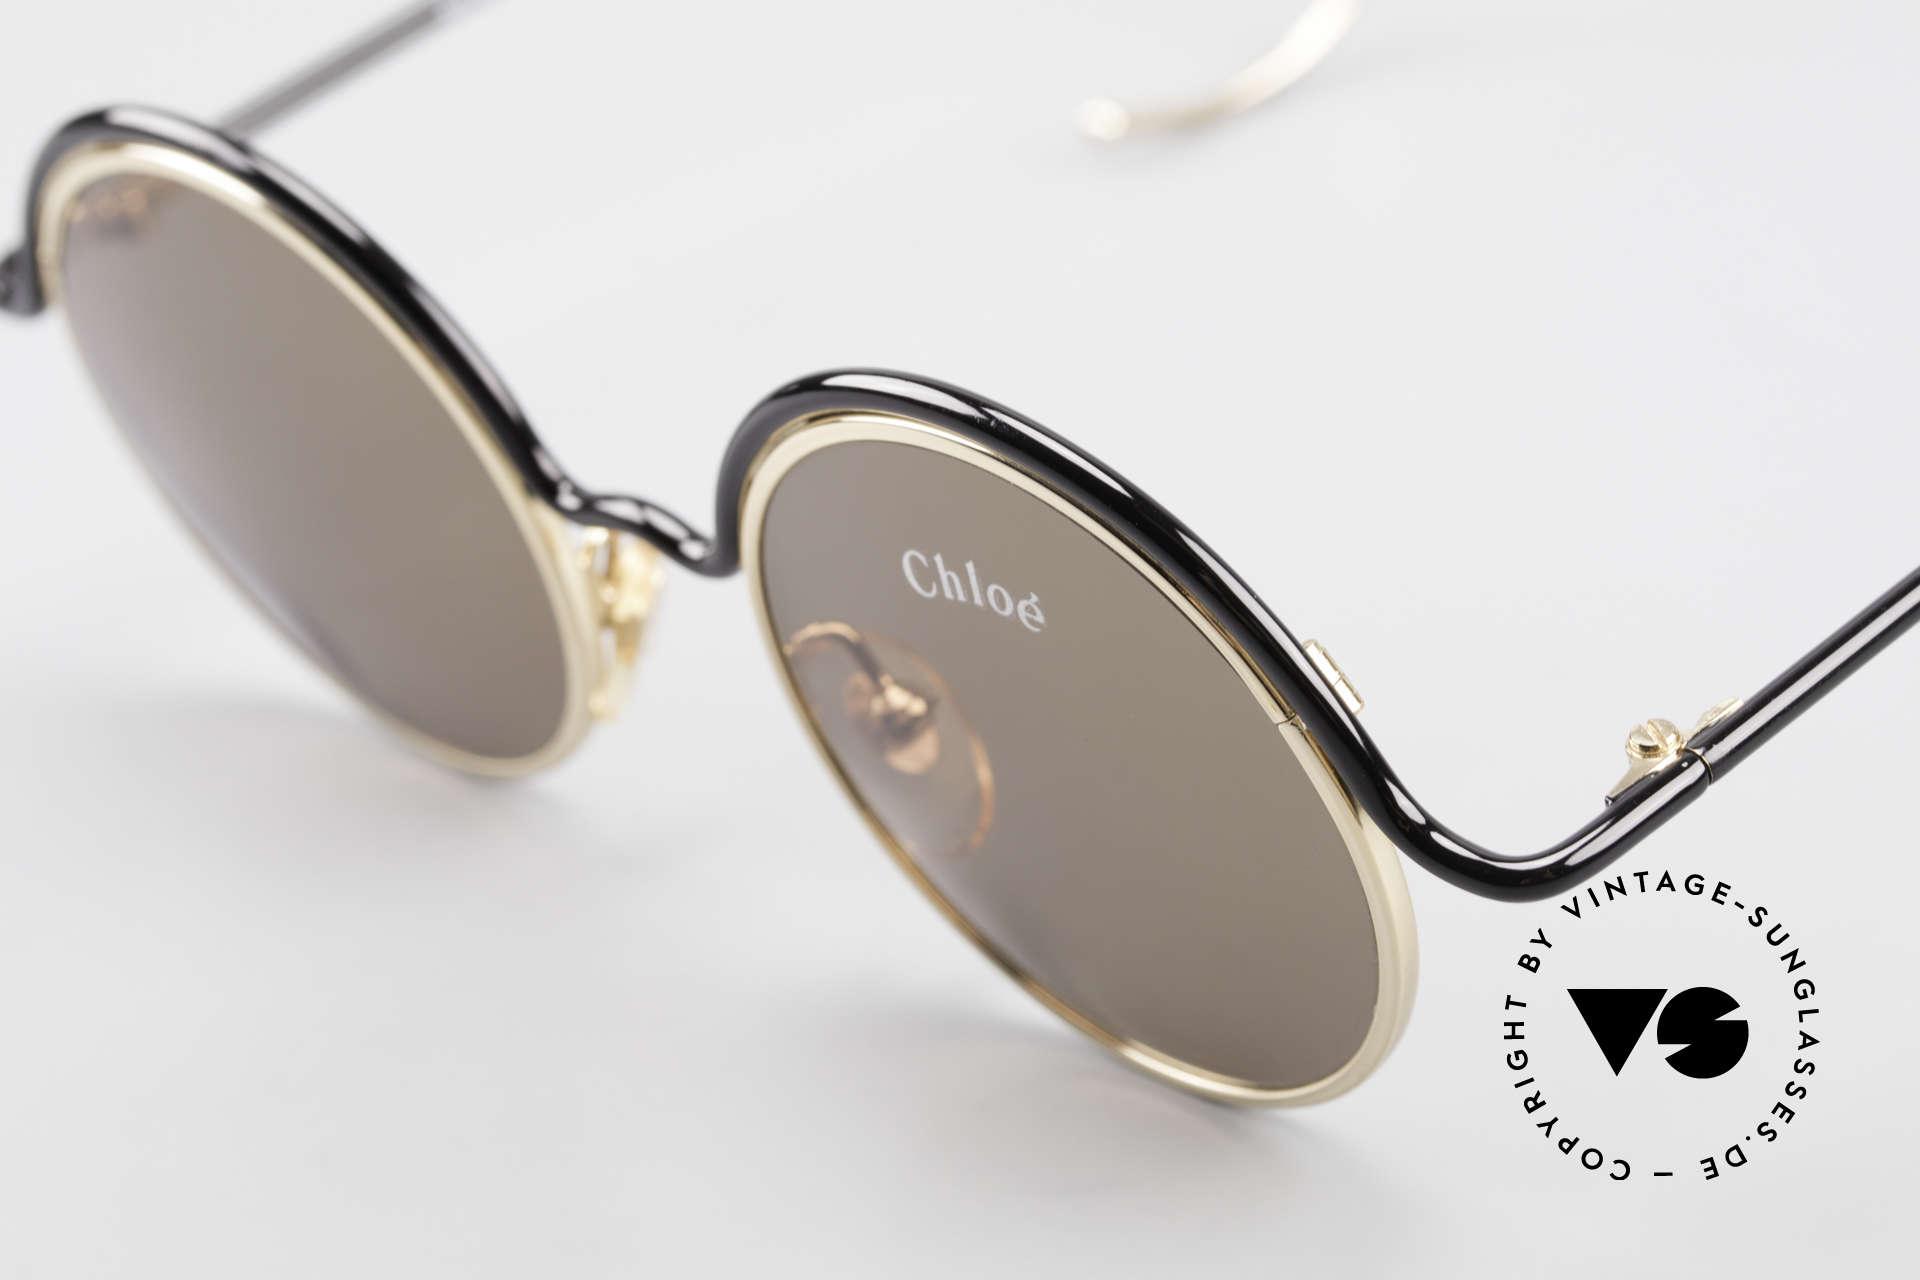 Chloe Show 1 Runde Sonnenbrille Damen, KEINE Retrobrille, sondern ein seltenes Original, Passend für Damen